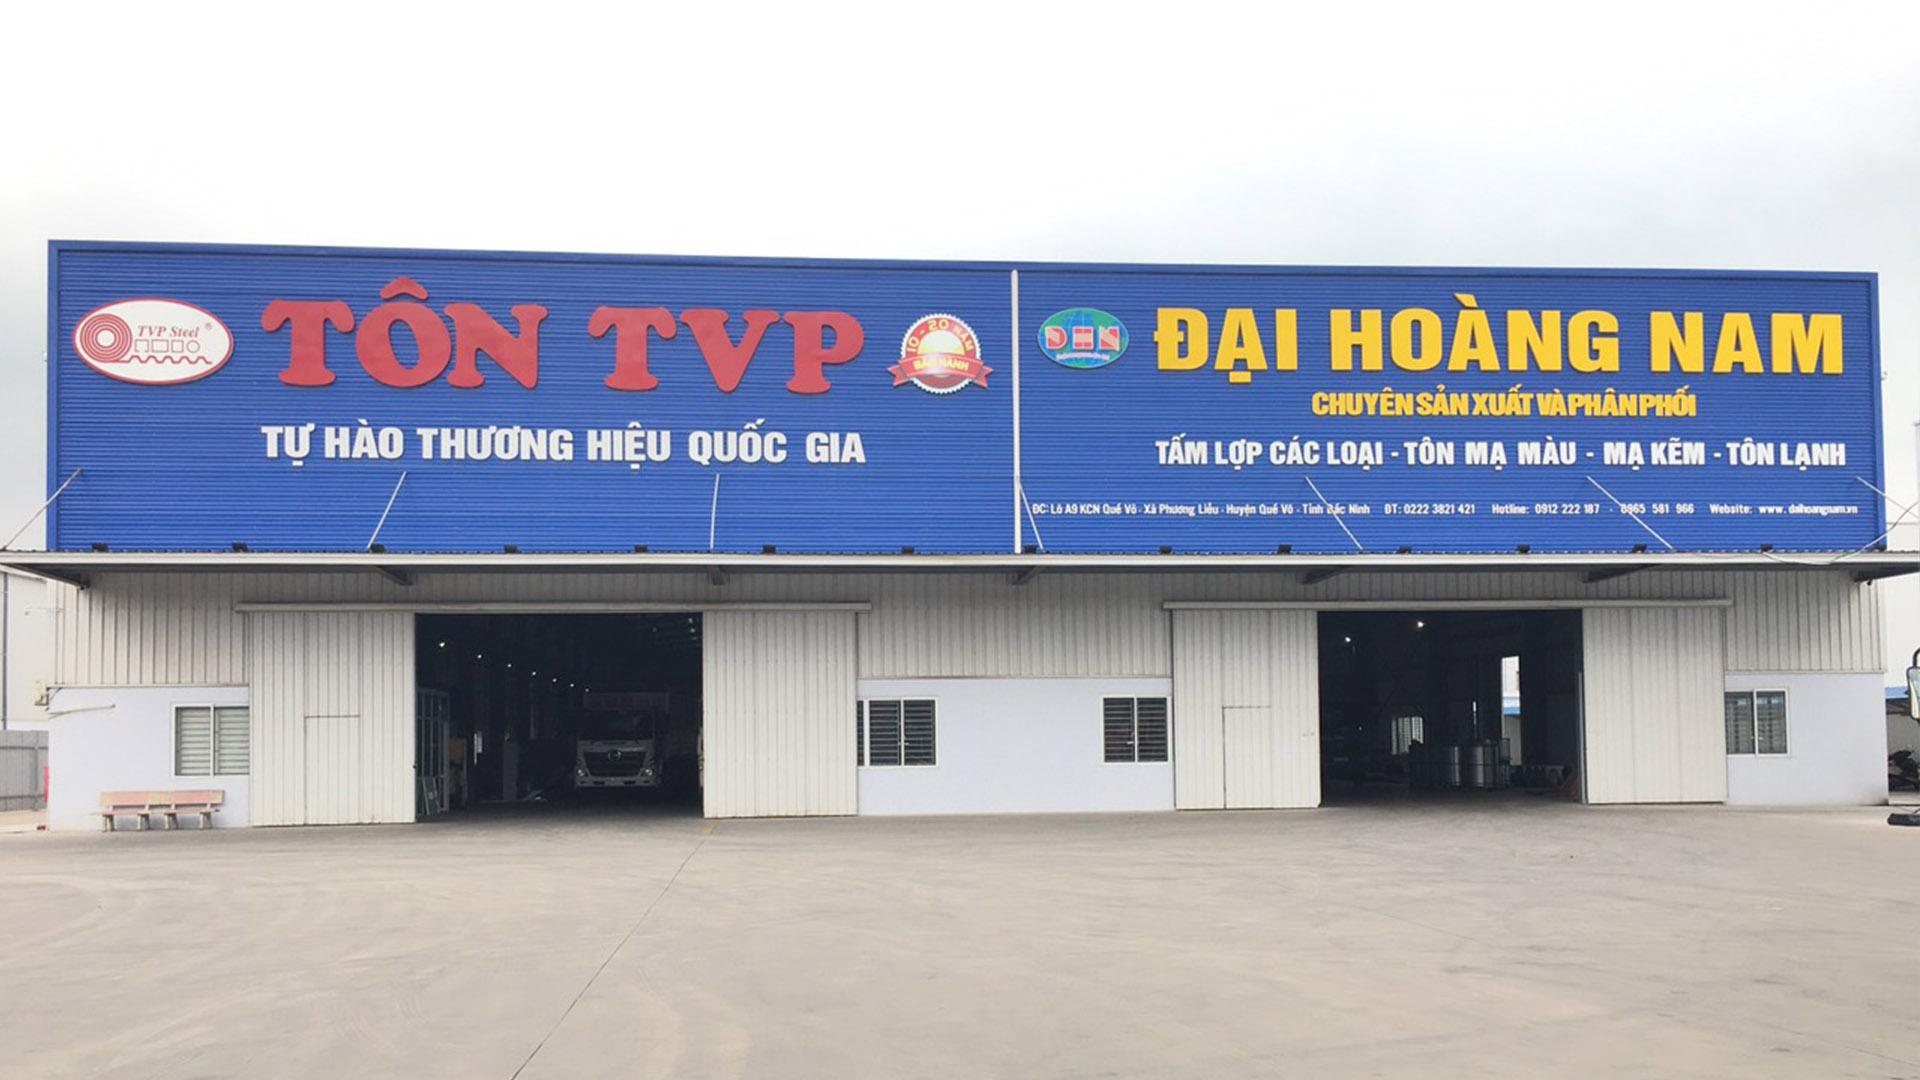 Lắp đặt camera tại Quế Võ-Bắc Ninh Công ty Tôn Đại Hoàng Nam